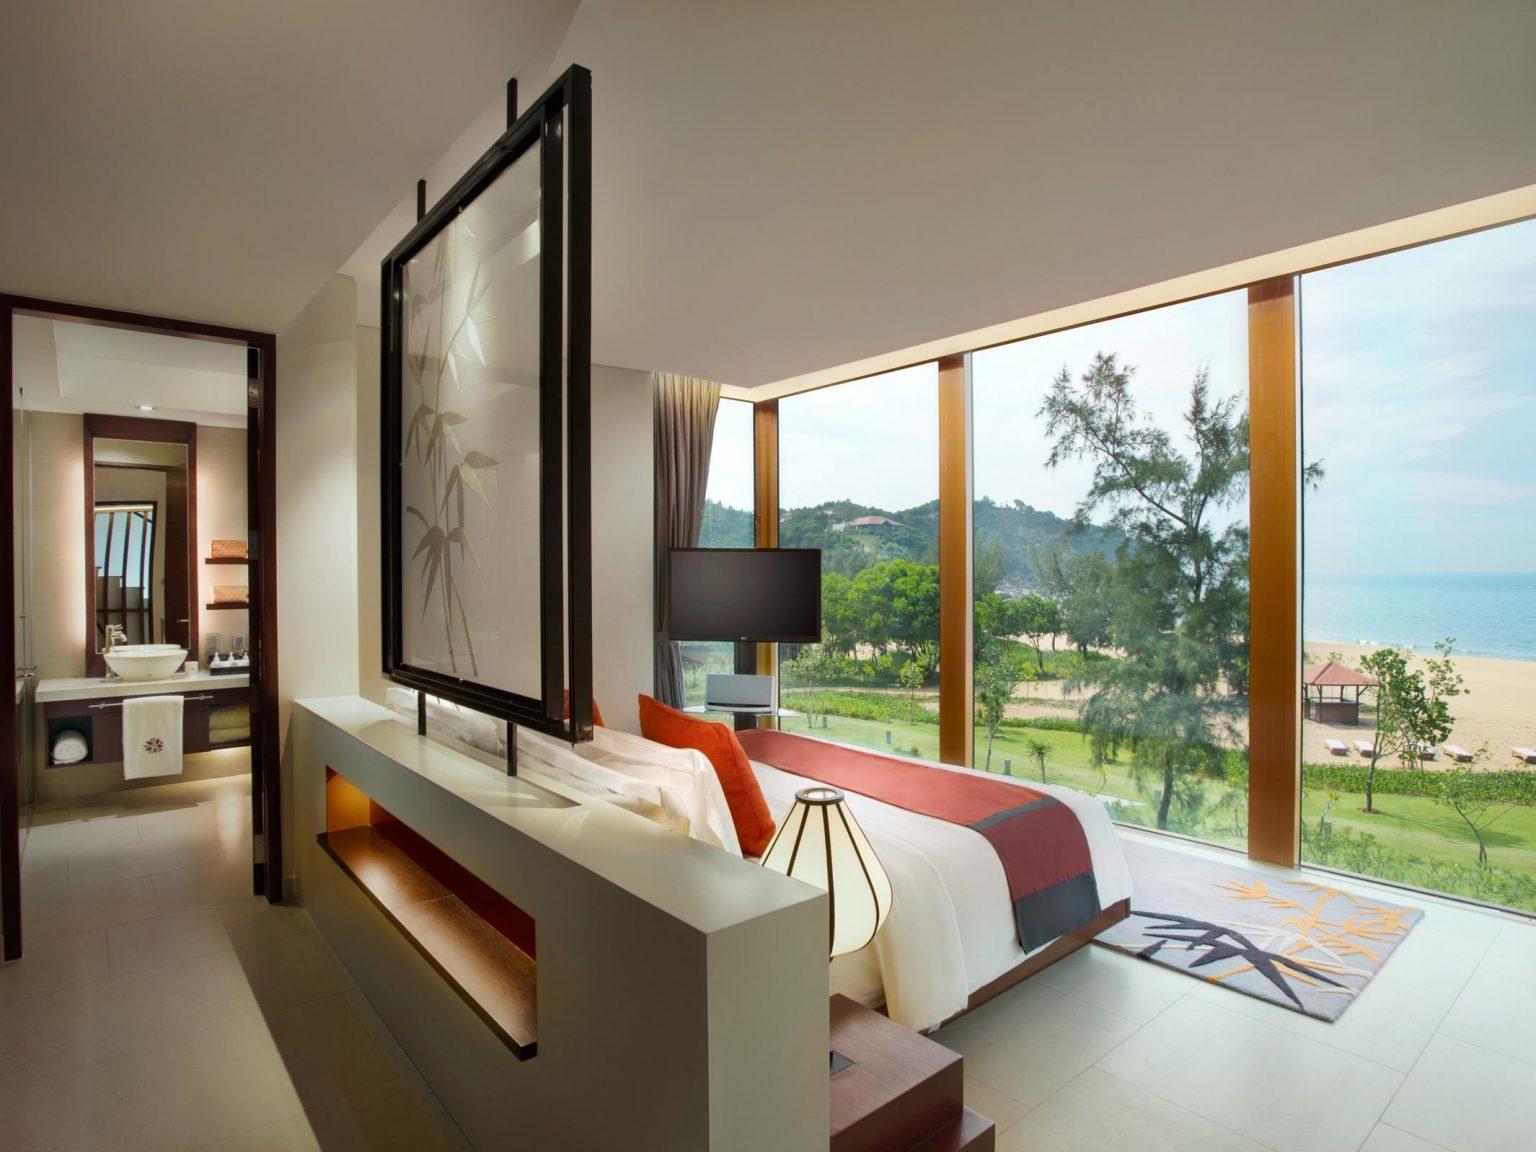 Thuê villa Lăng Cô ở Huế đẹp miễn chê cho mỗi chuyến đi